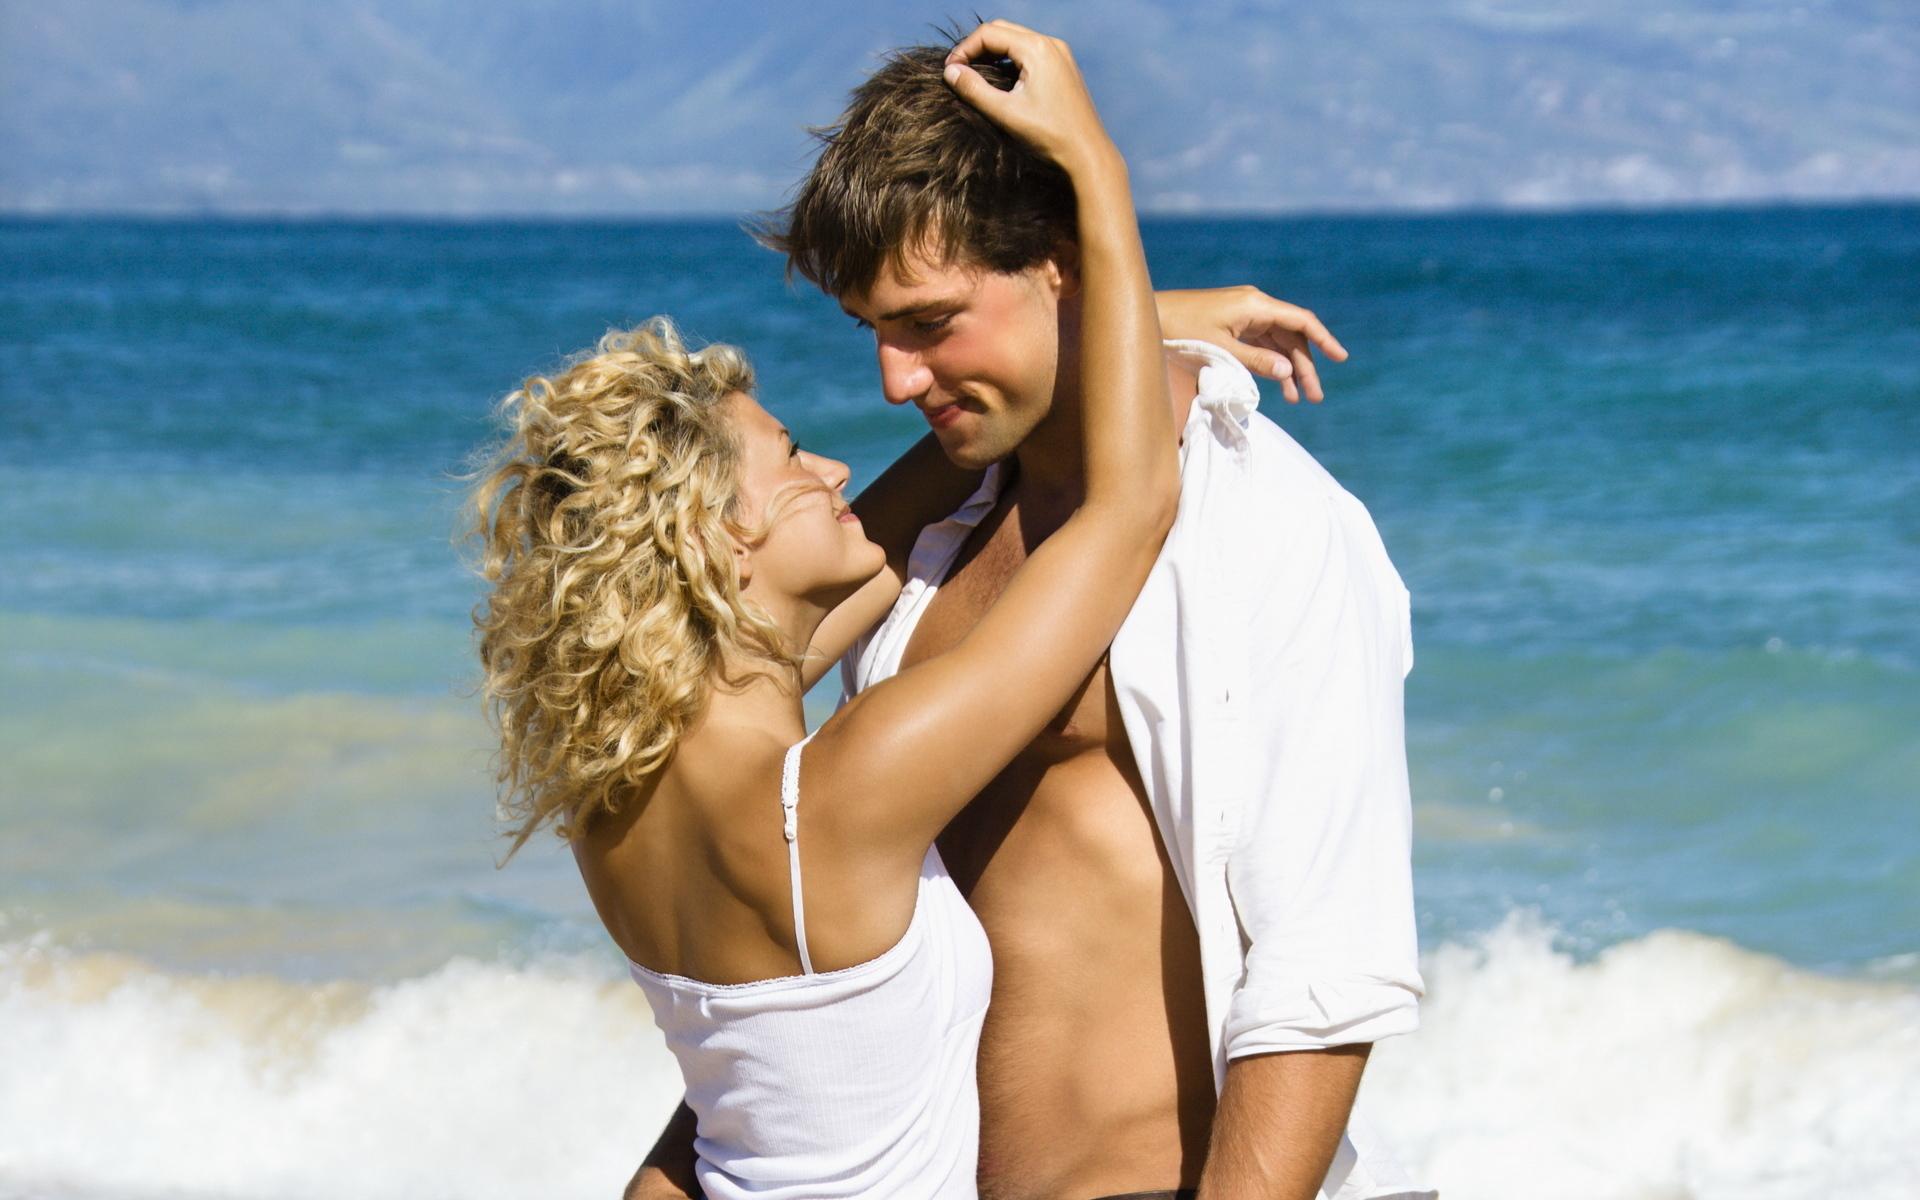 Фото девушки с мужчиной высокого разрешения